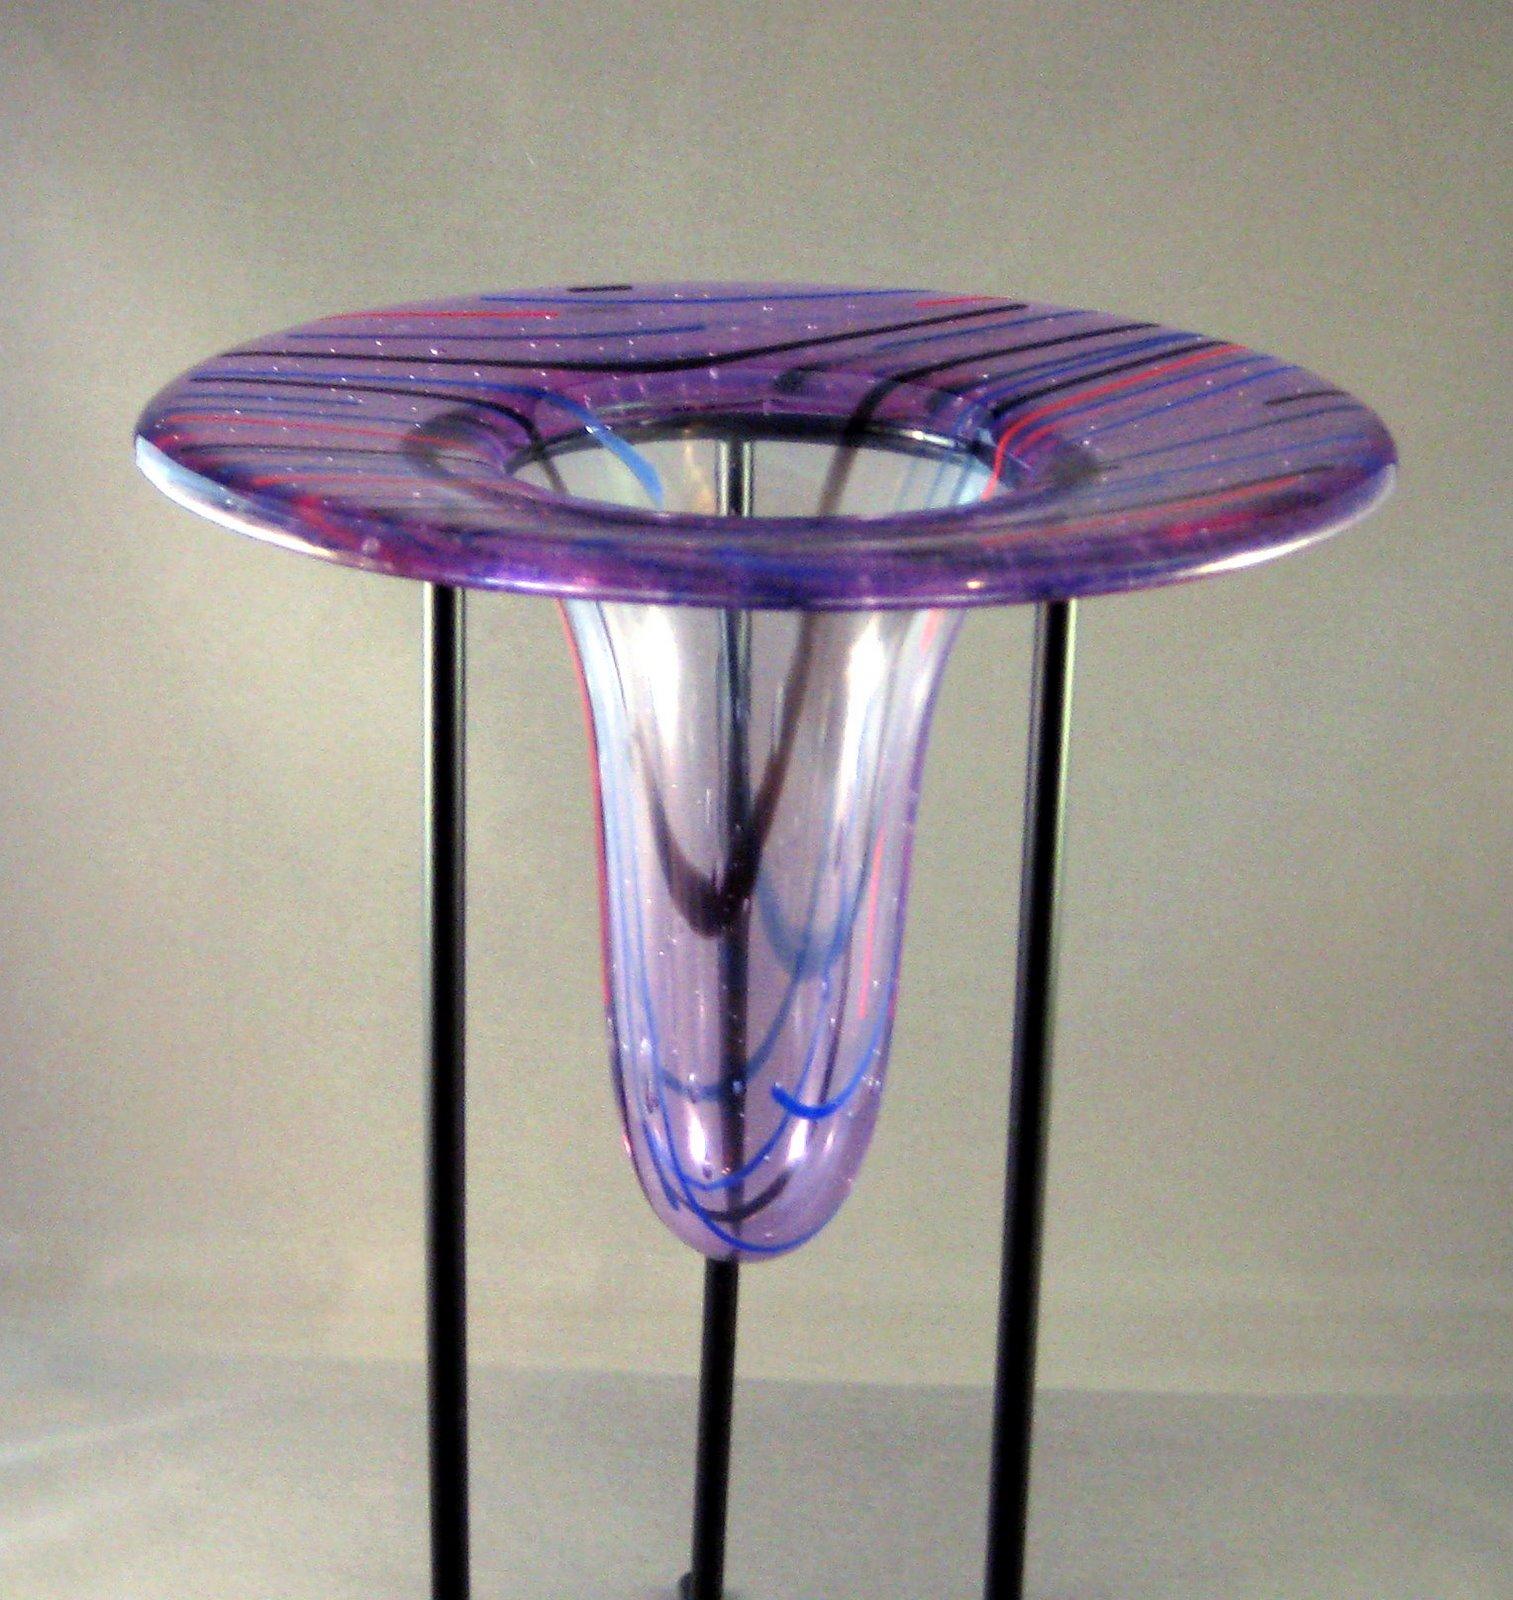 Drop ring vase